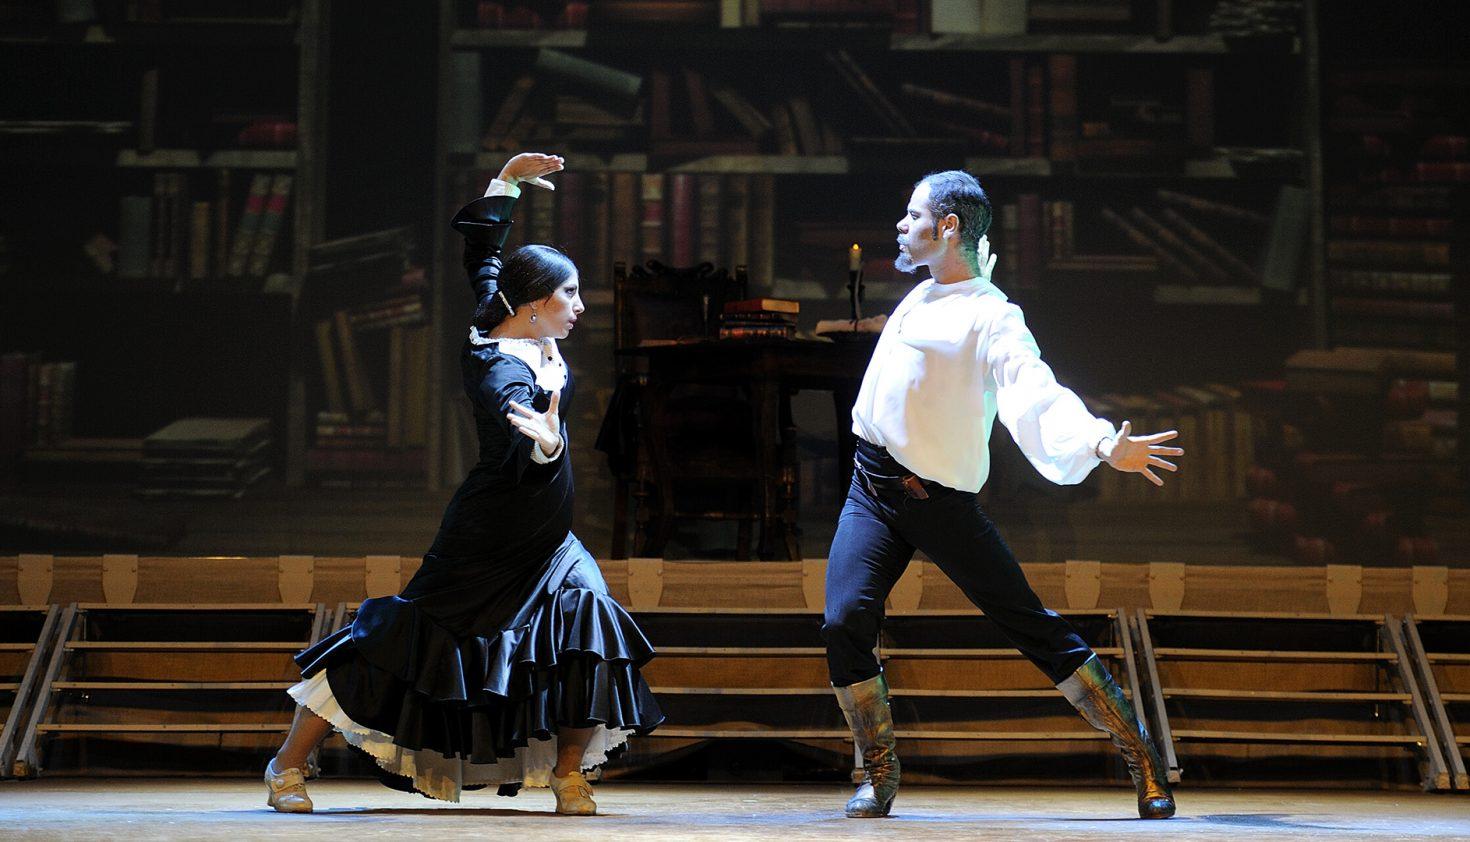 'Quijote, al compás de un sueño'. Compañía Prodigio BAF Flamenco. Foto: David Ruano.